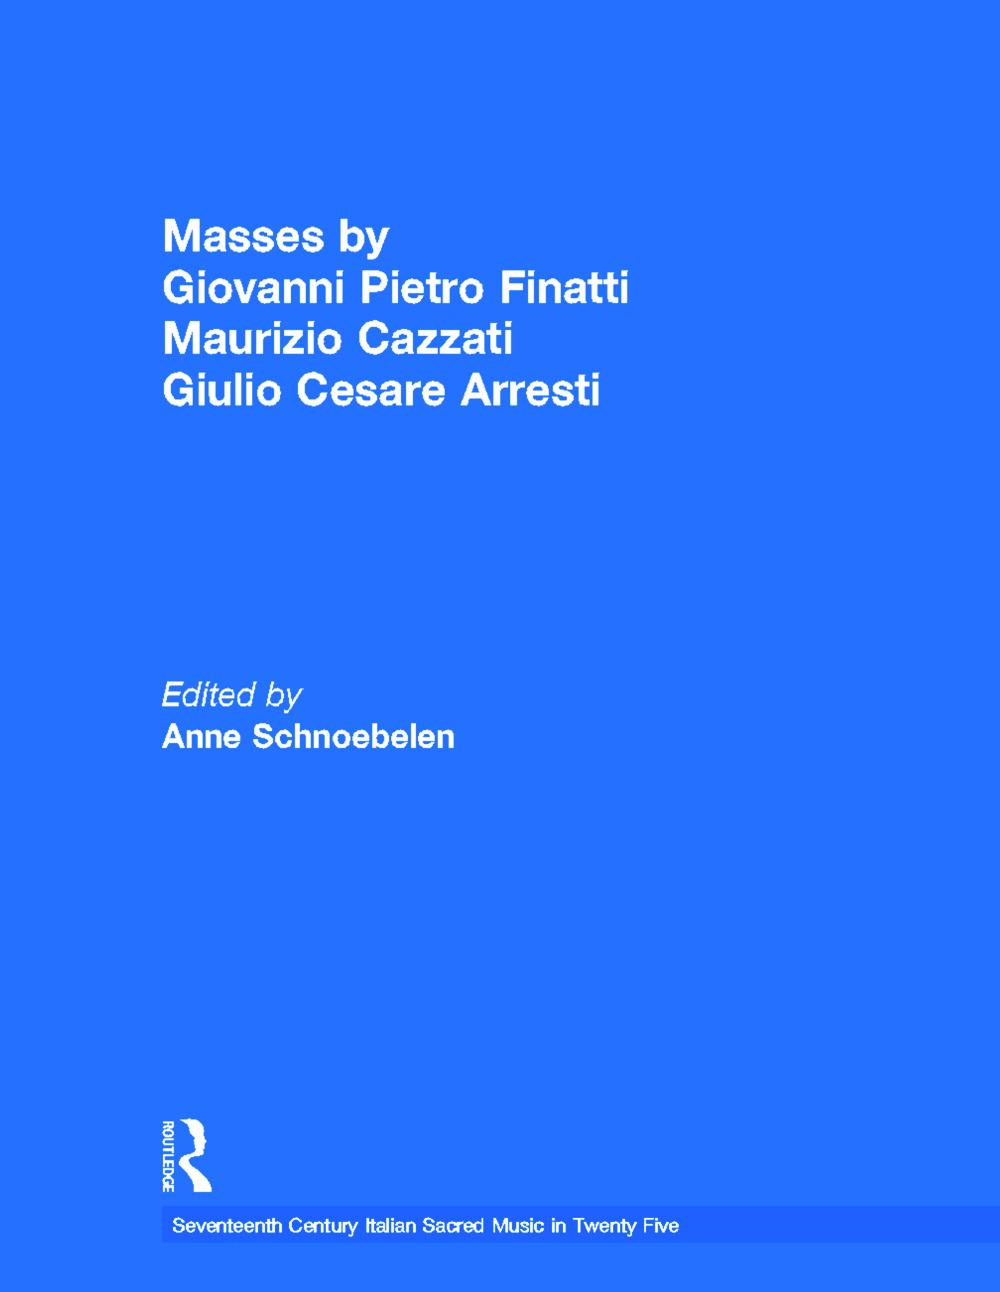 Masses by Giovanni Pietro Finatti, Maurizio Cazzati, Giulio Cesare Arresti book cover